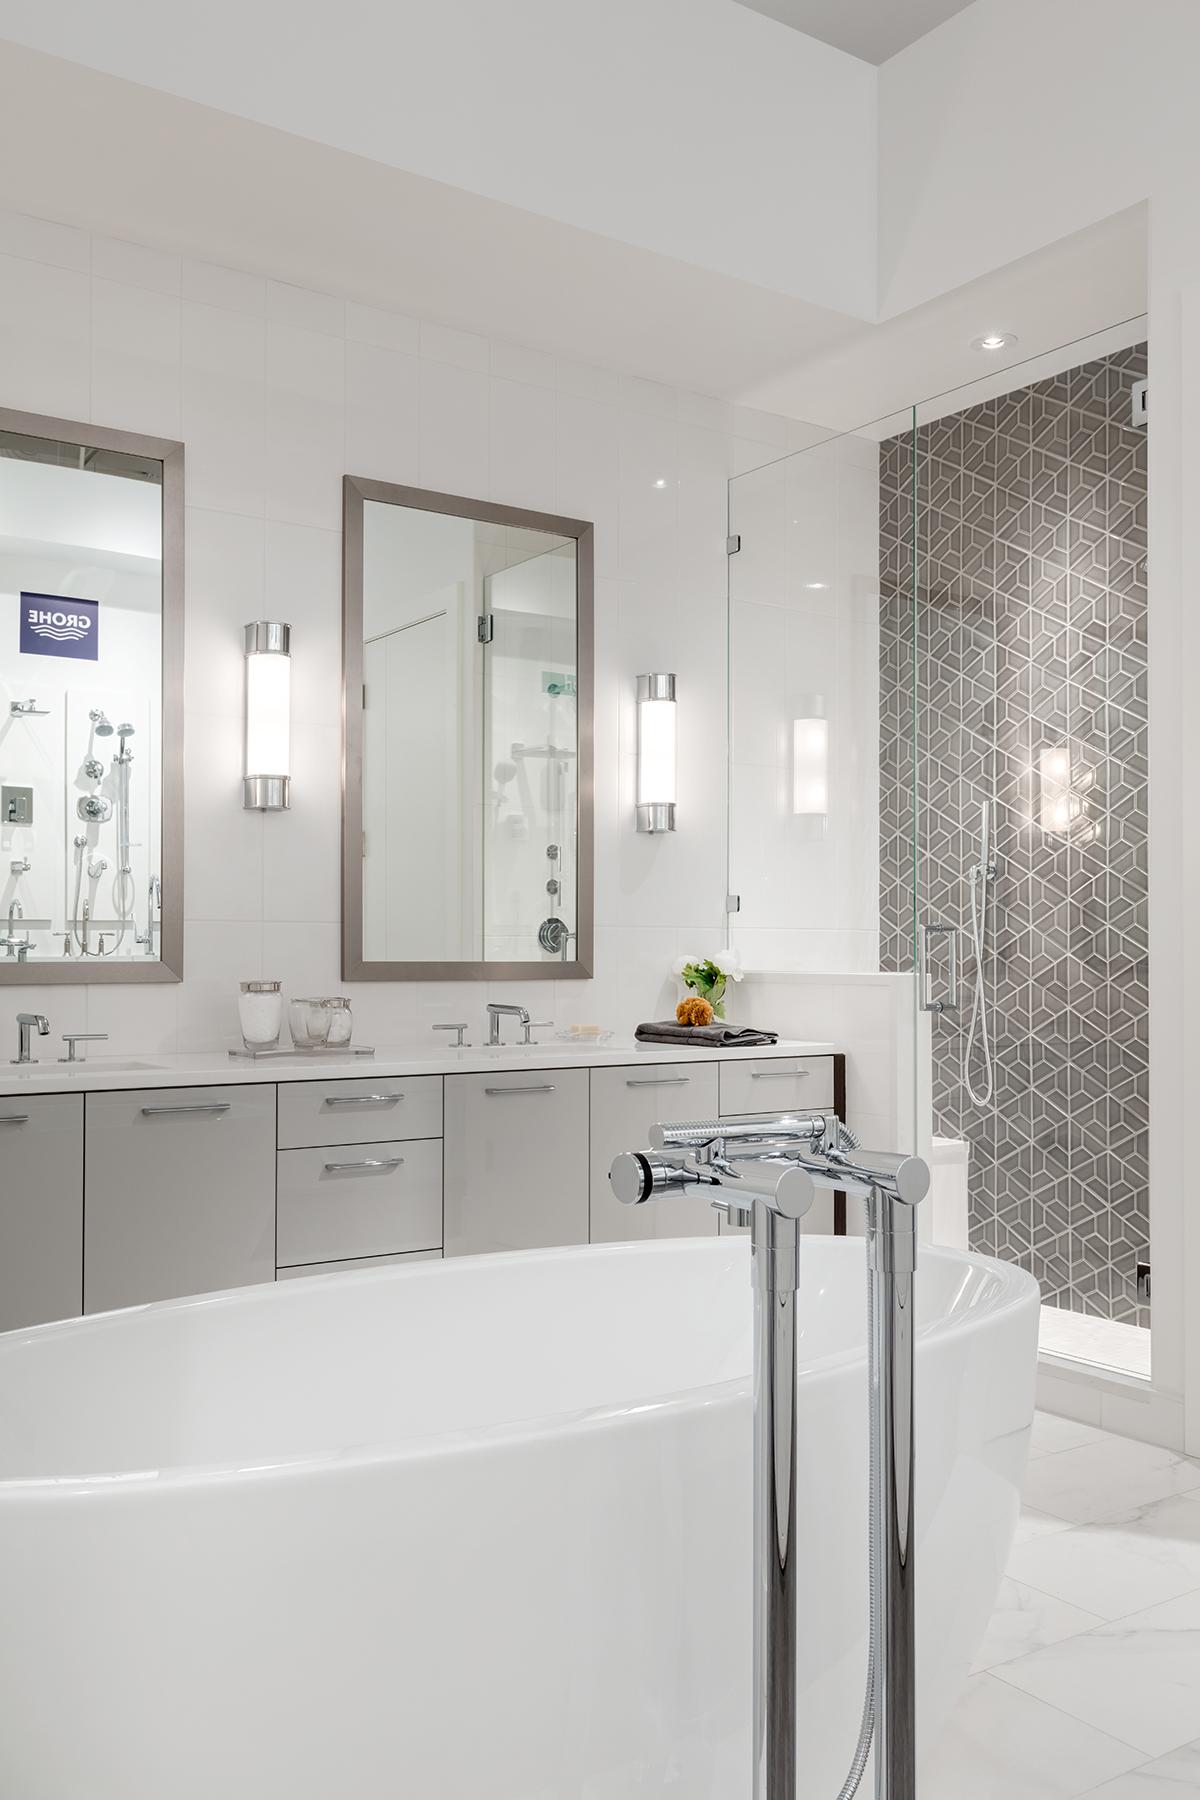 showrooms kbda 2018 kitchen bath design news rh kitchenbathdesign com